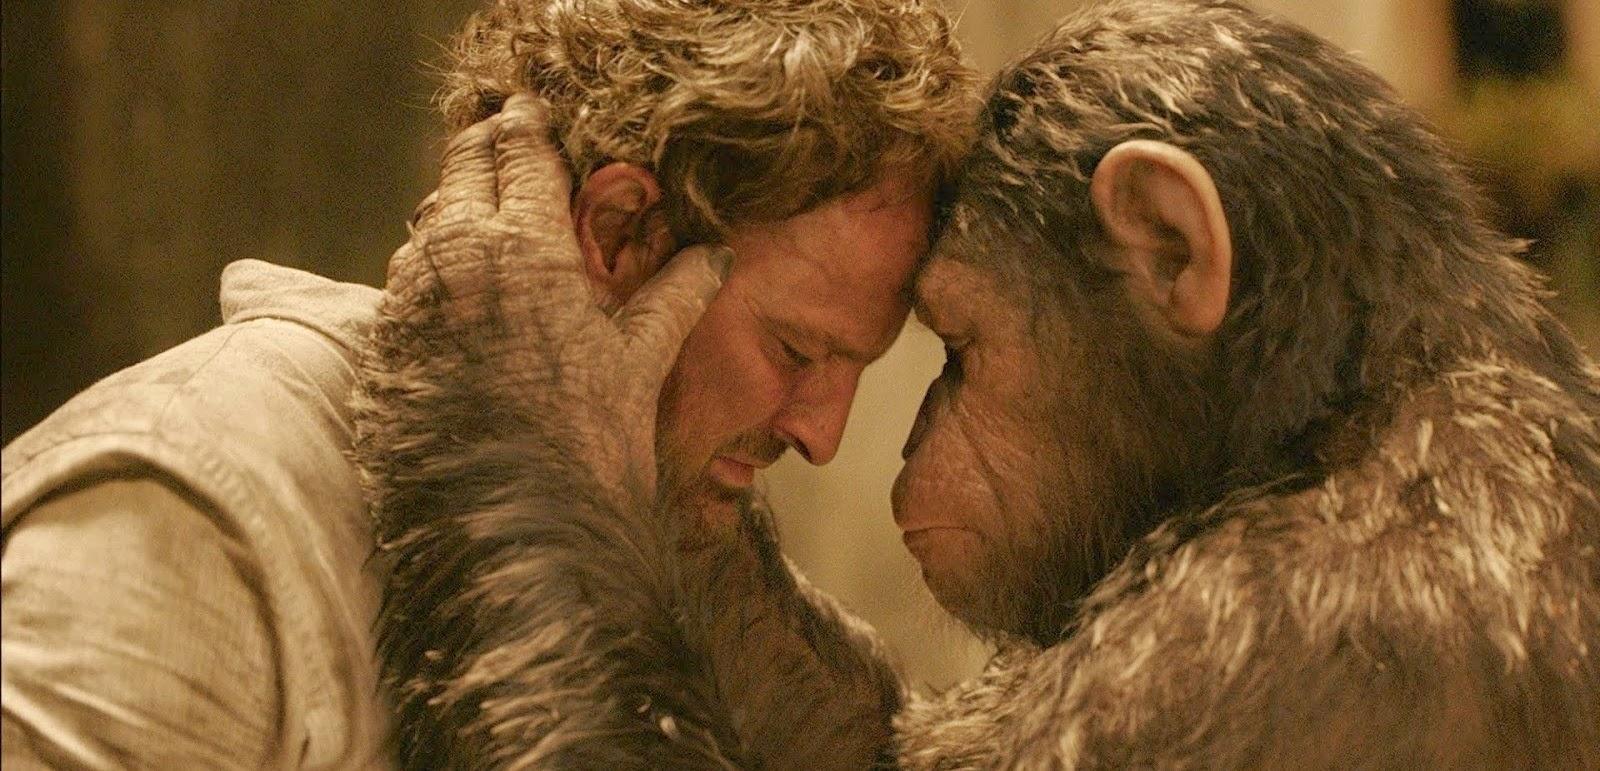 Viral de Planeta dos Macacos: O Confronto explica como a epidemia devastou a humanidade